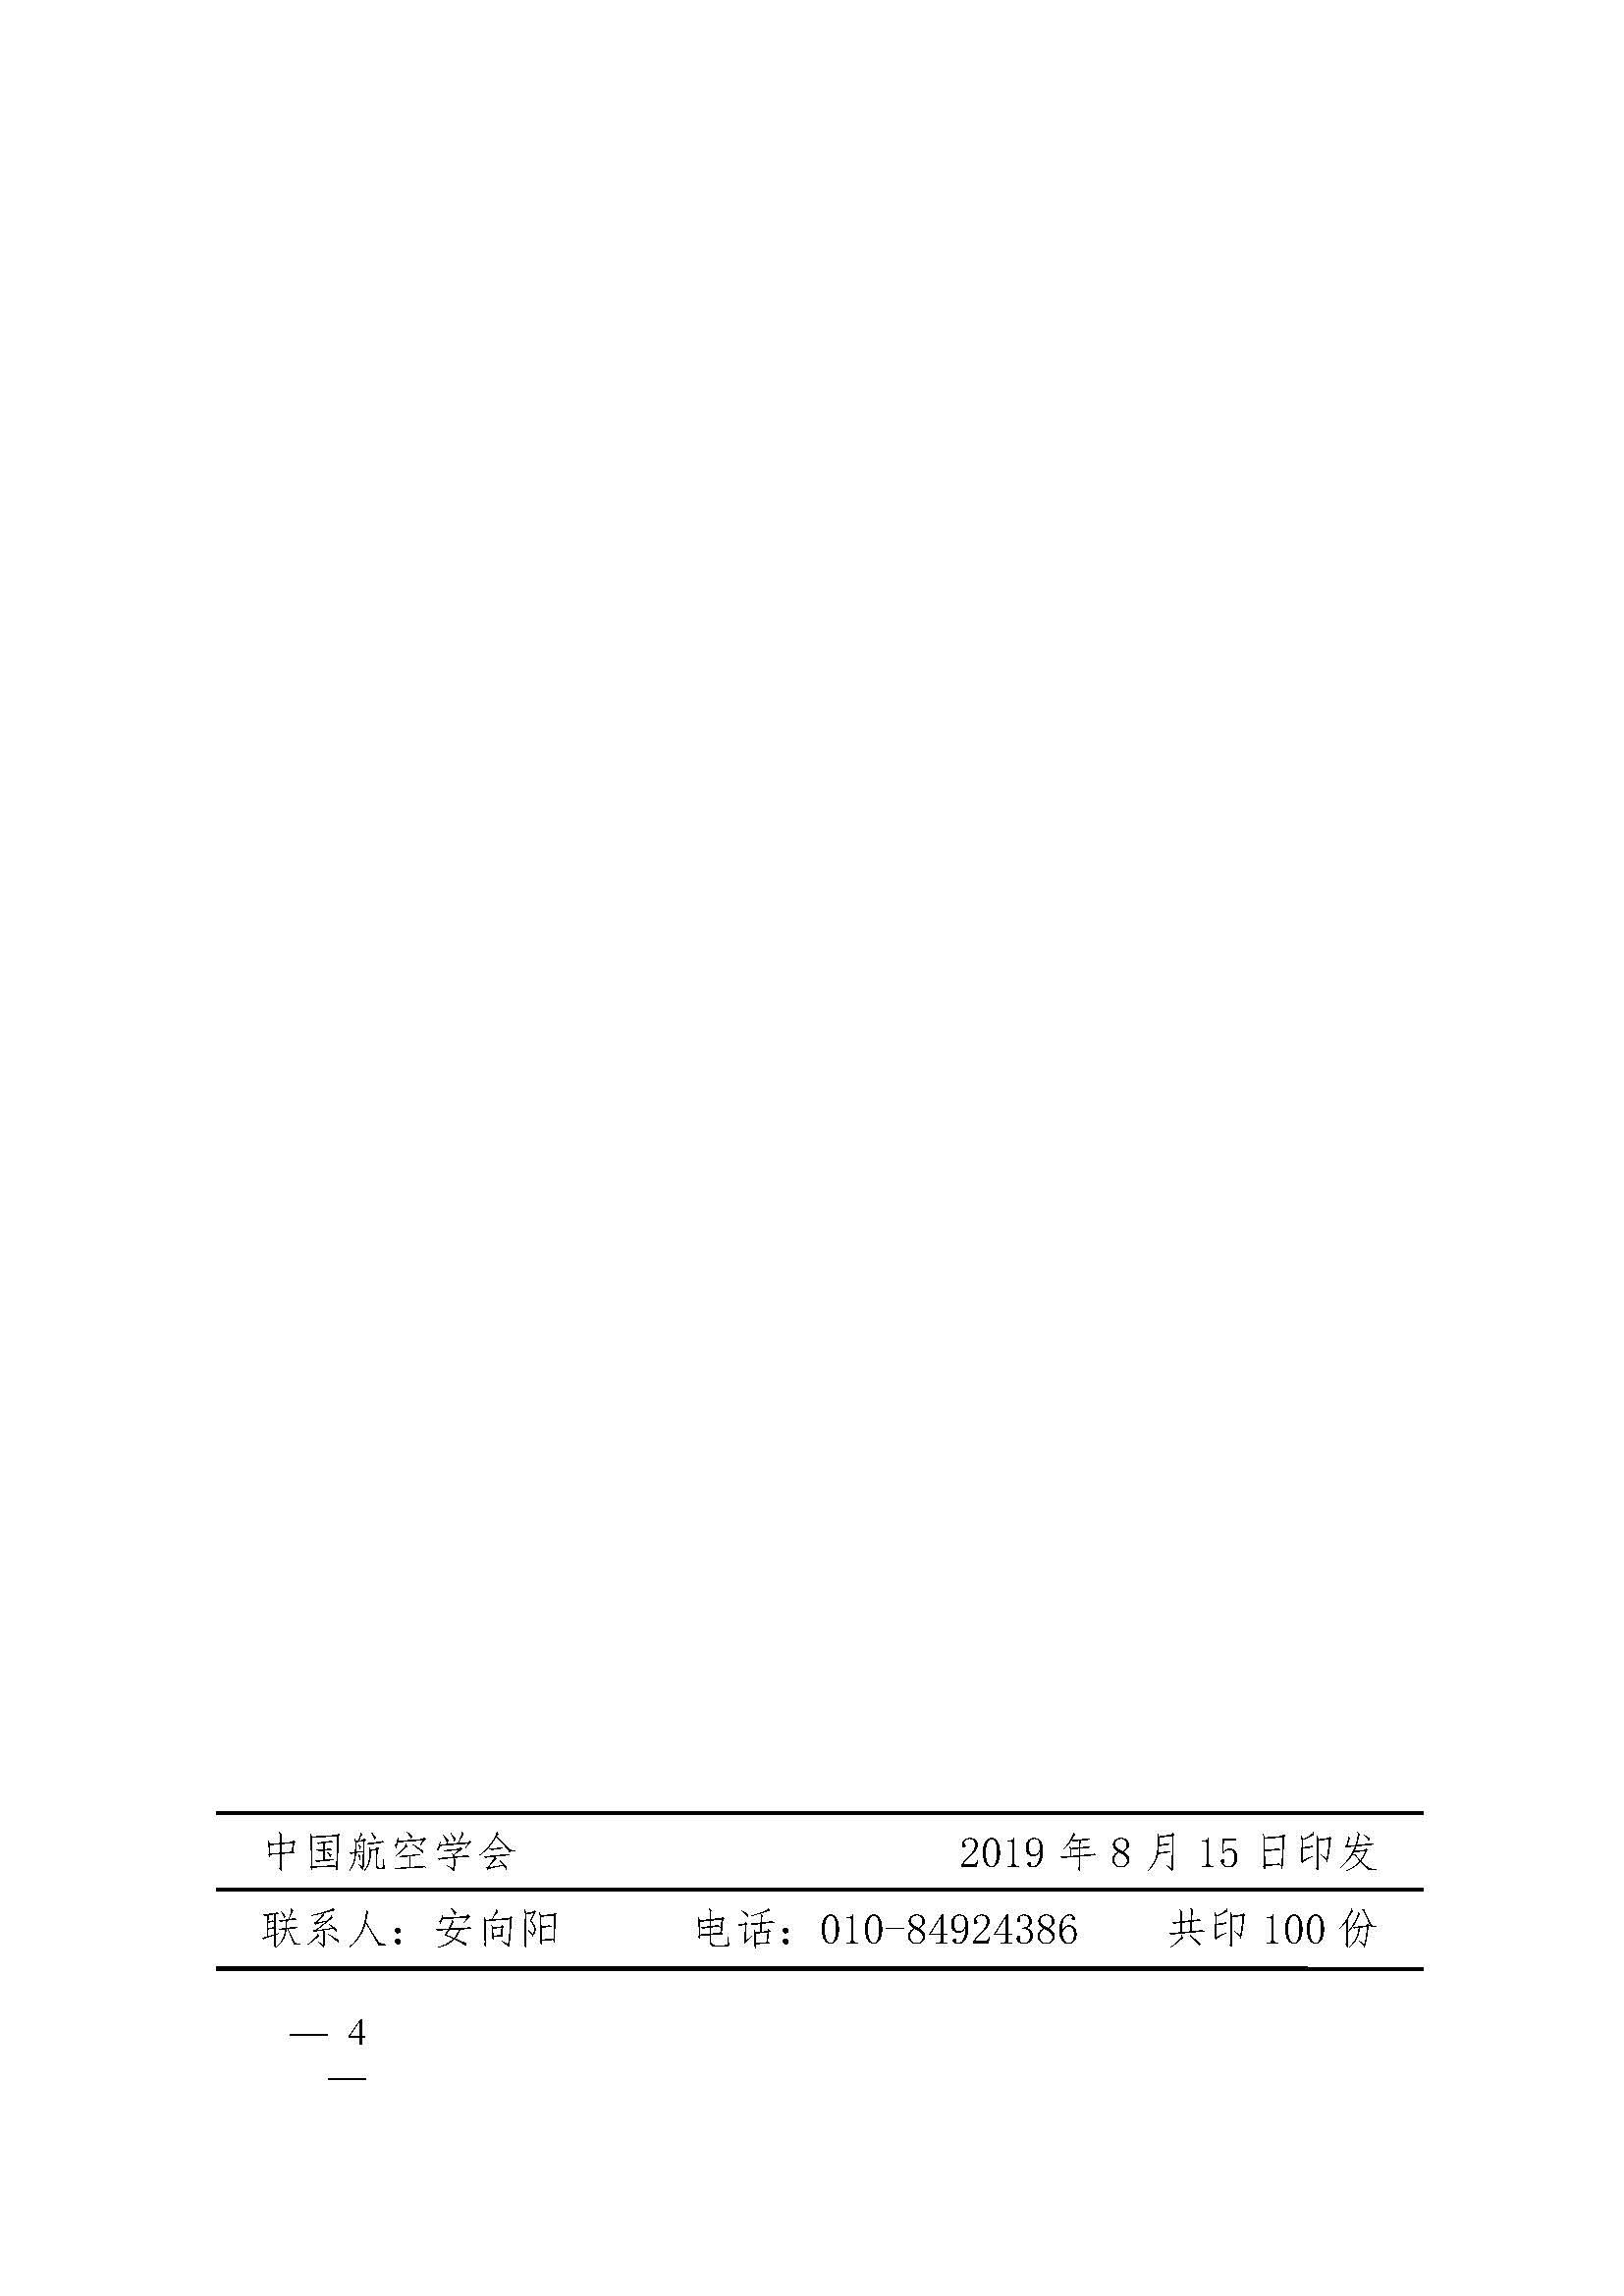 2019商用飞机复合材料论坛-会议通知_页面_4